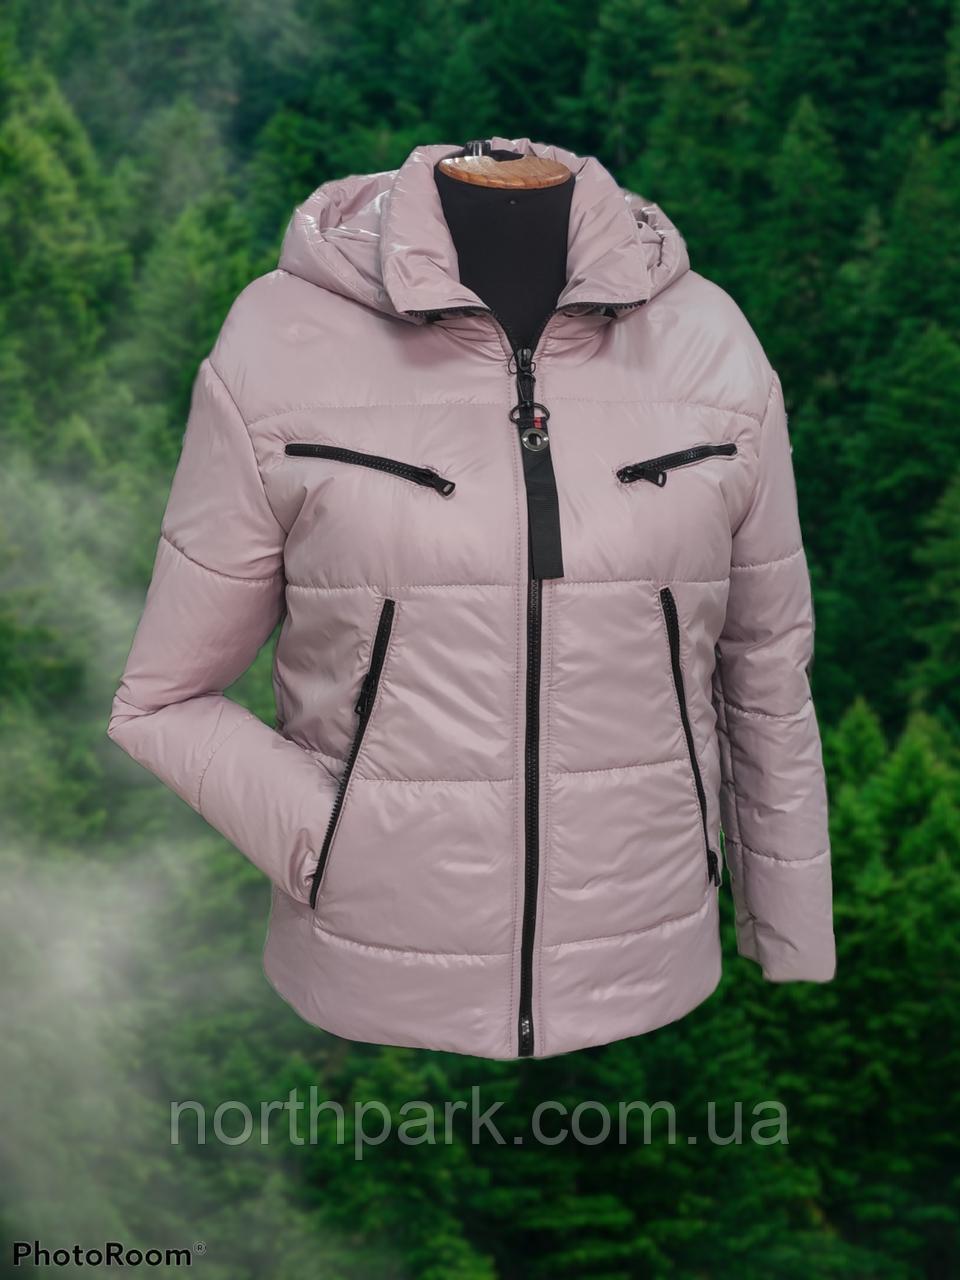 Стильна жіноча демісезонна коротка куртка SK-28, пудра